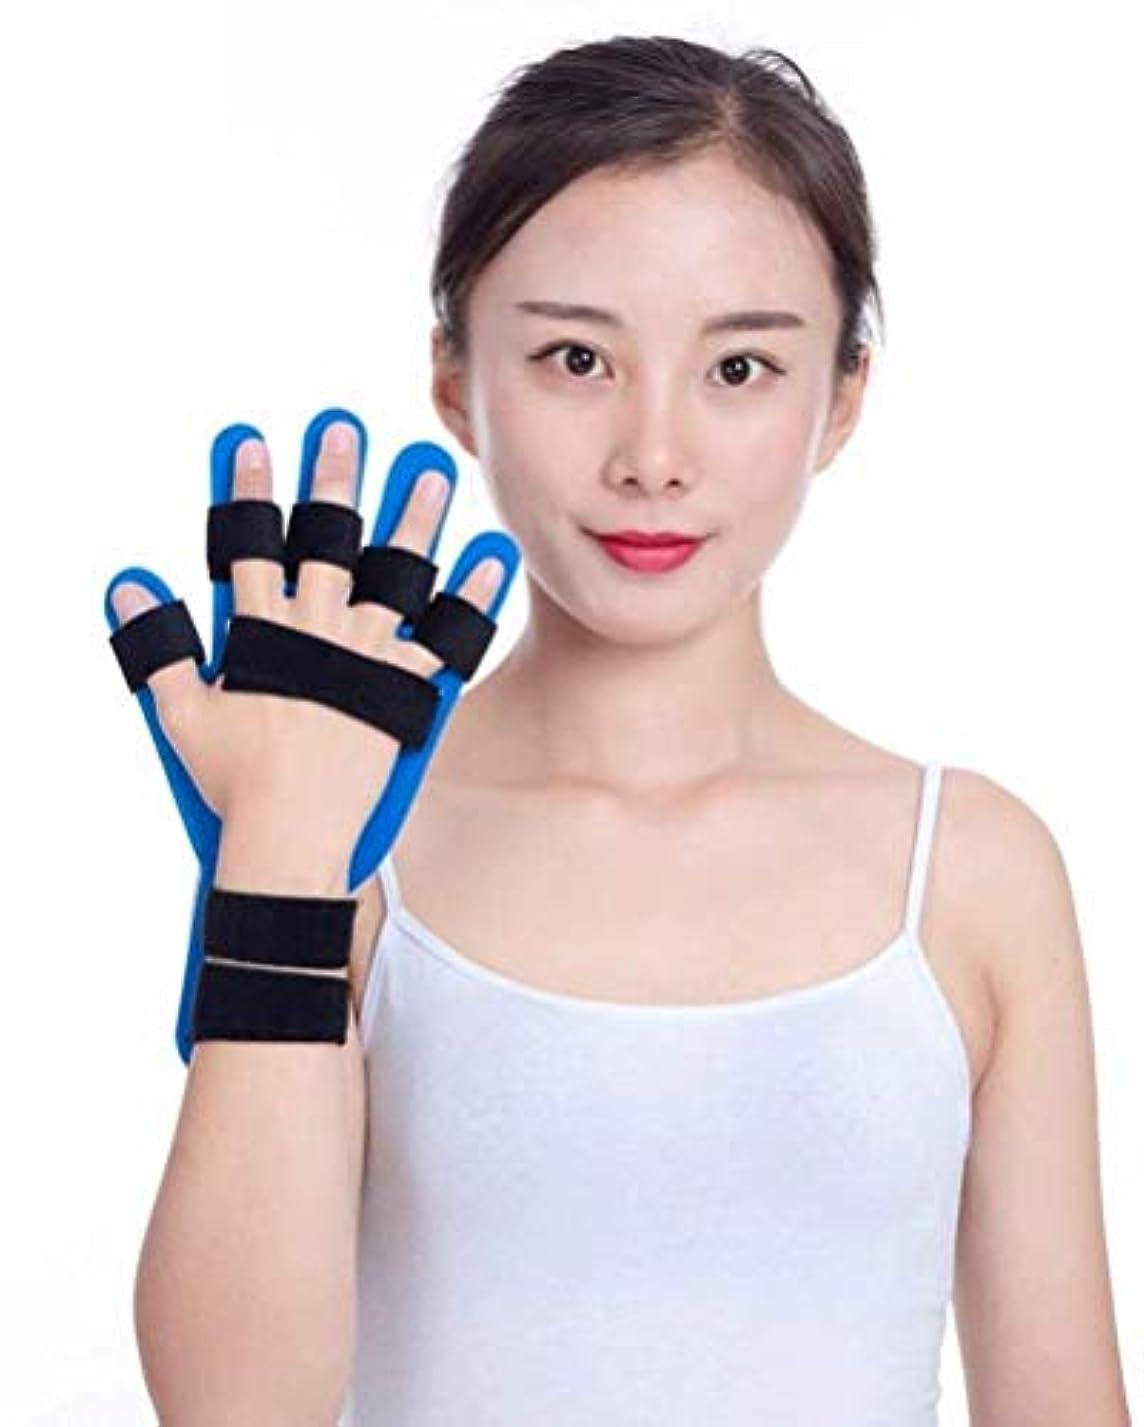 災害ネブシマウマ脳卒中/片麻痺/外傷性脳損傷のためのスプリントブレースの手の手首のトレーニング装具の脳卒中リハビリテーション機器を指